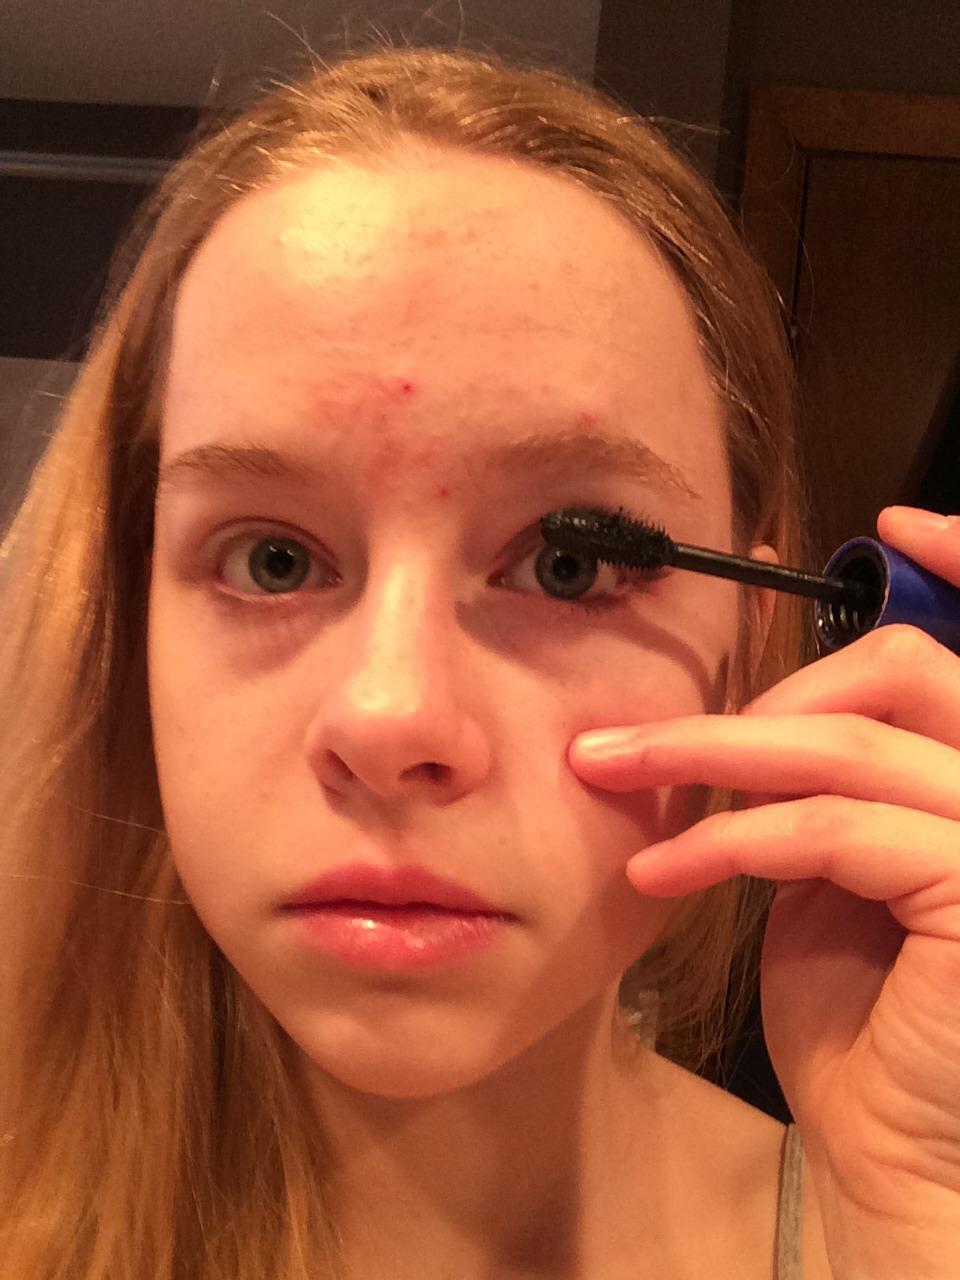 Apply favorite mascara